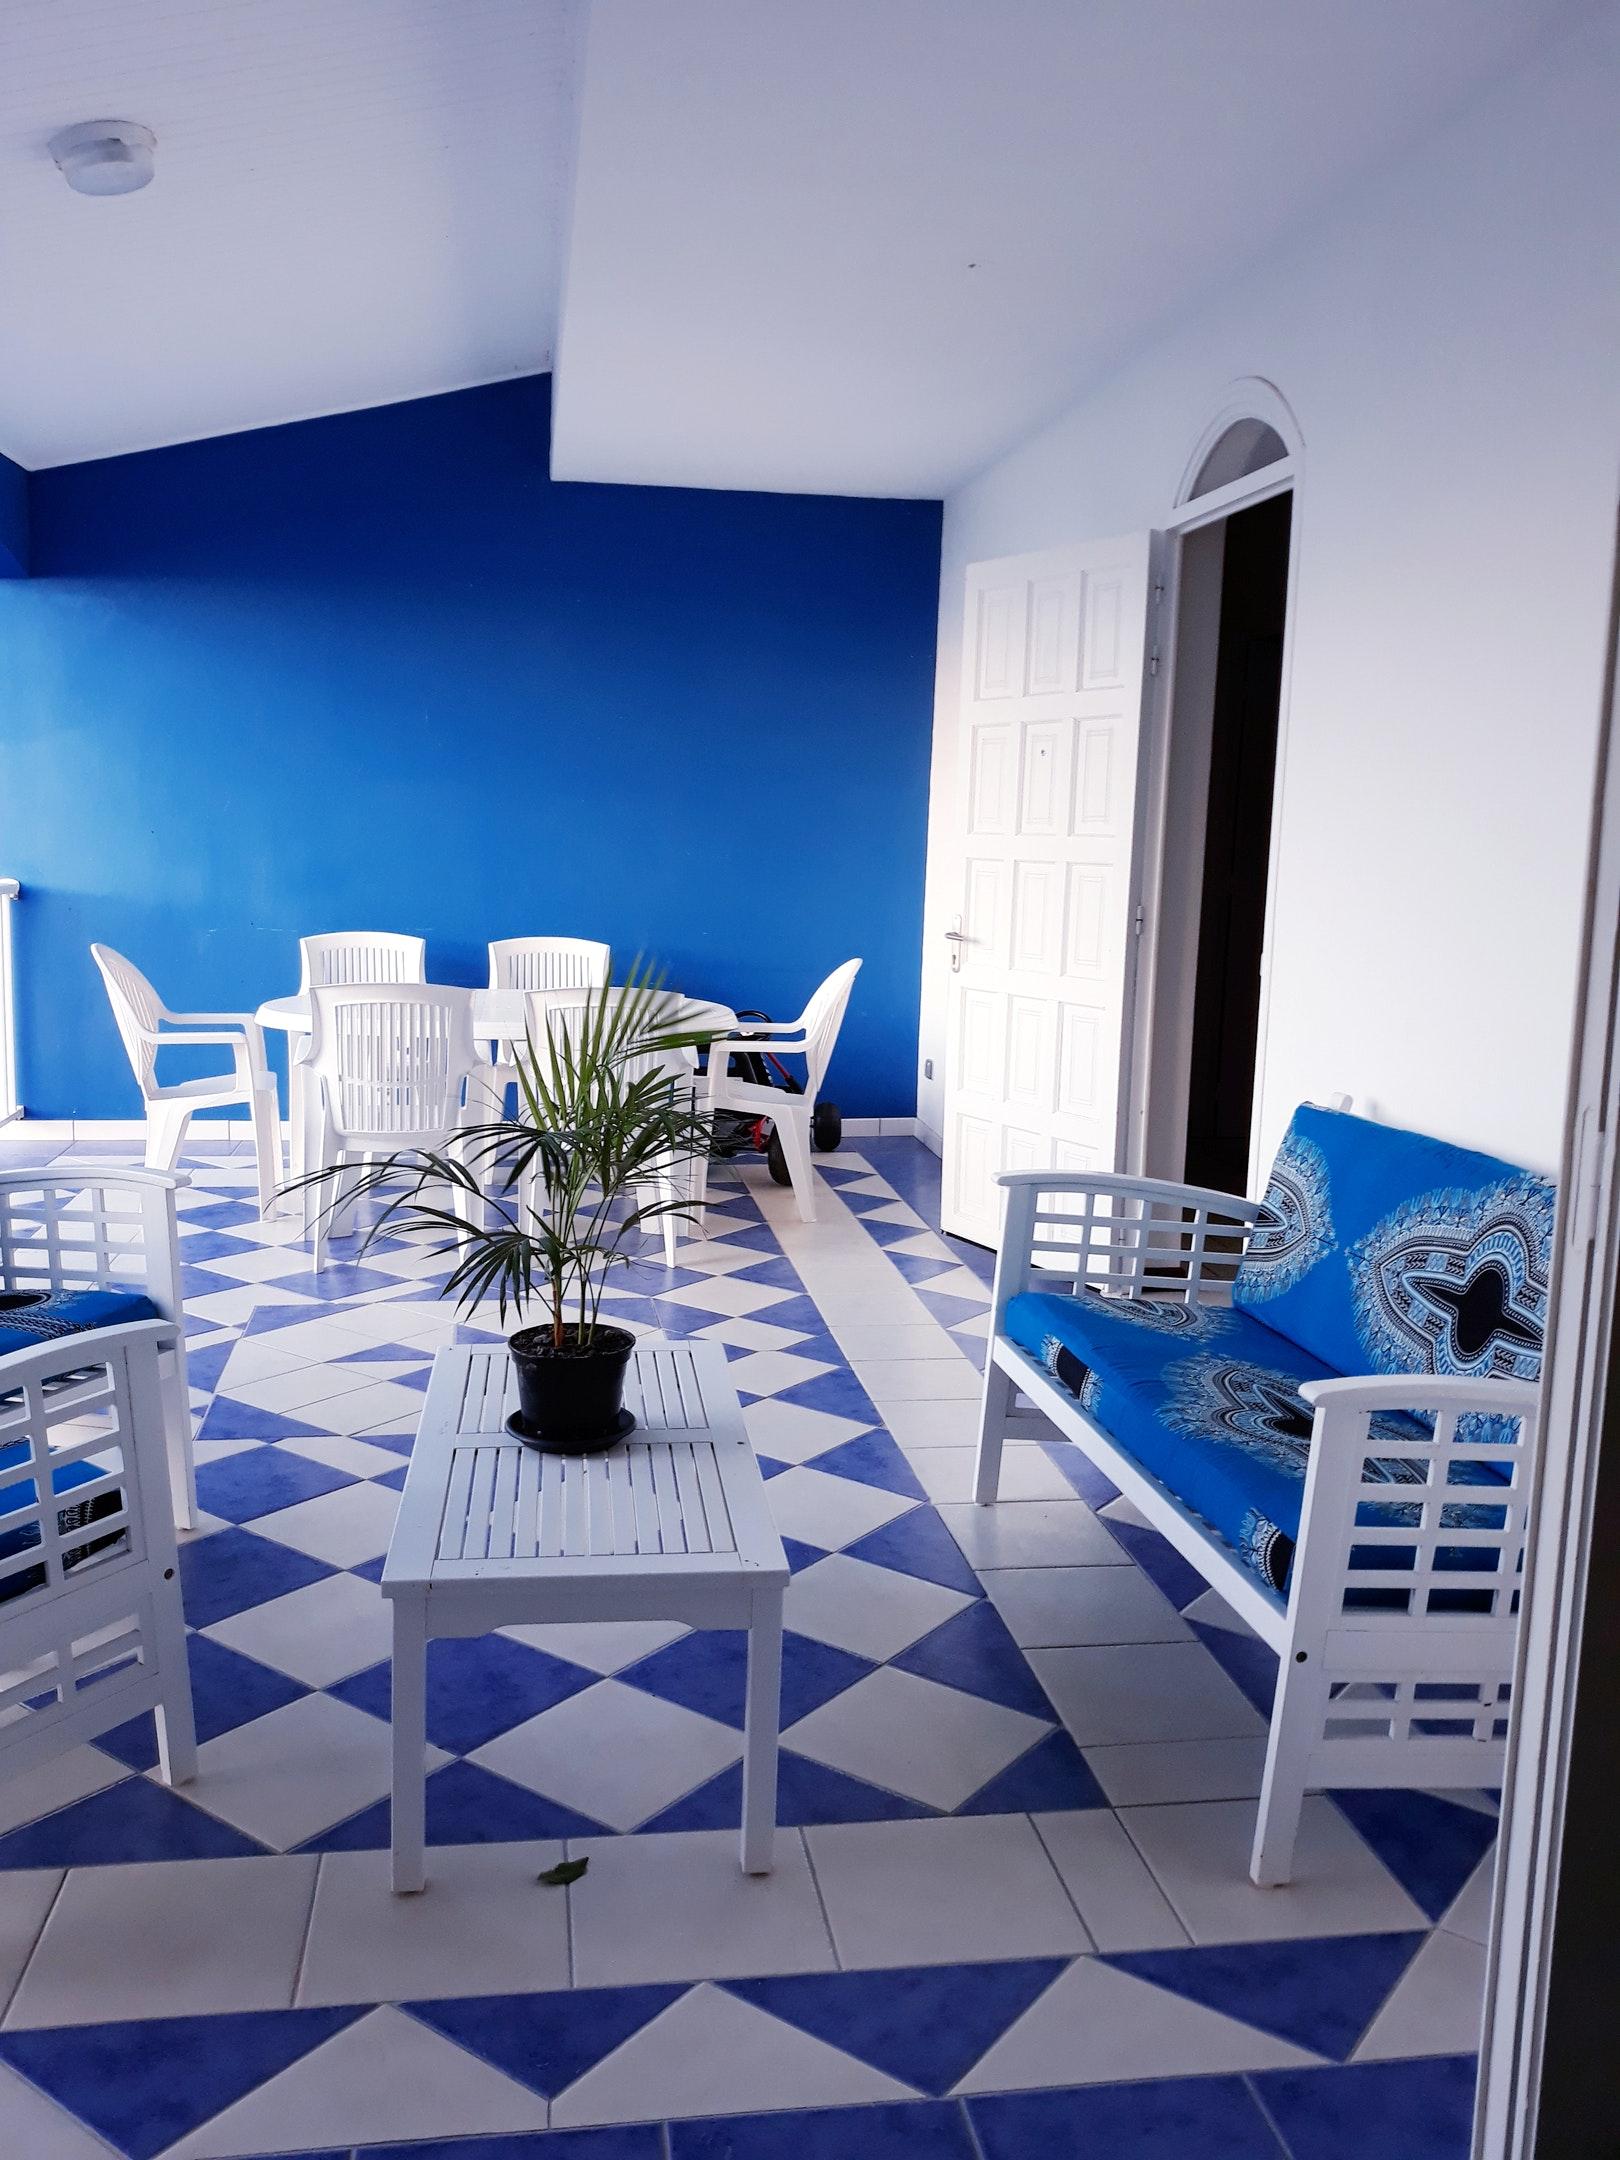 Casa de 2 habitaciones en Le Carbet, con magnificas vistas al mar, jardín amueblado y WiFi - a 500 m de la playa